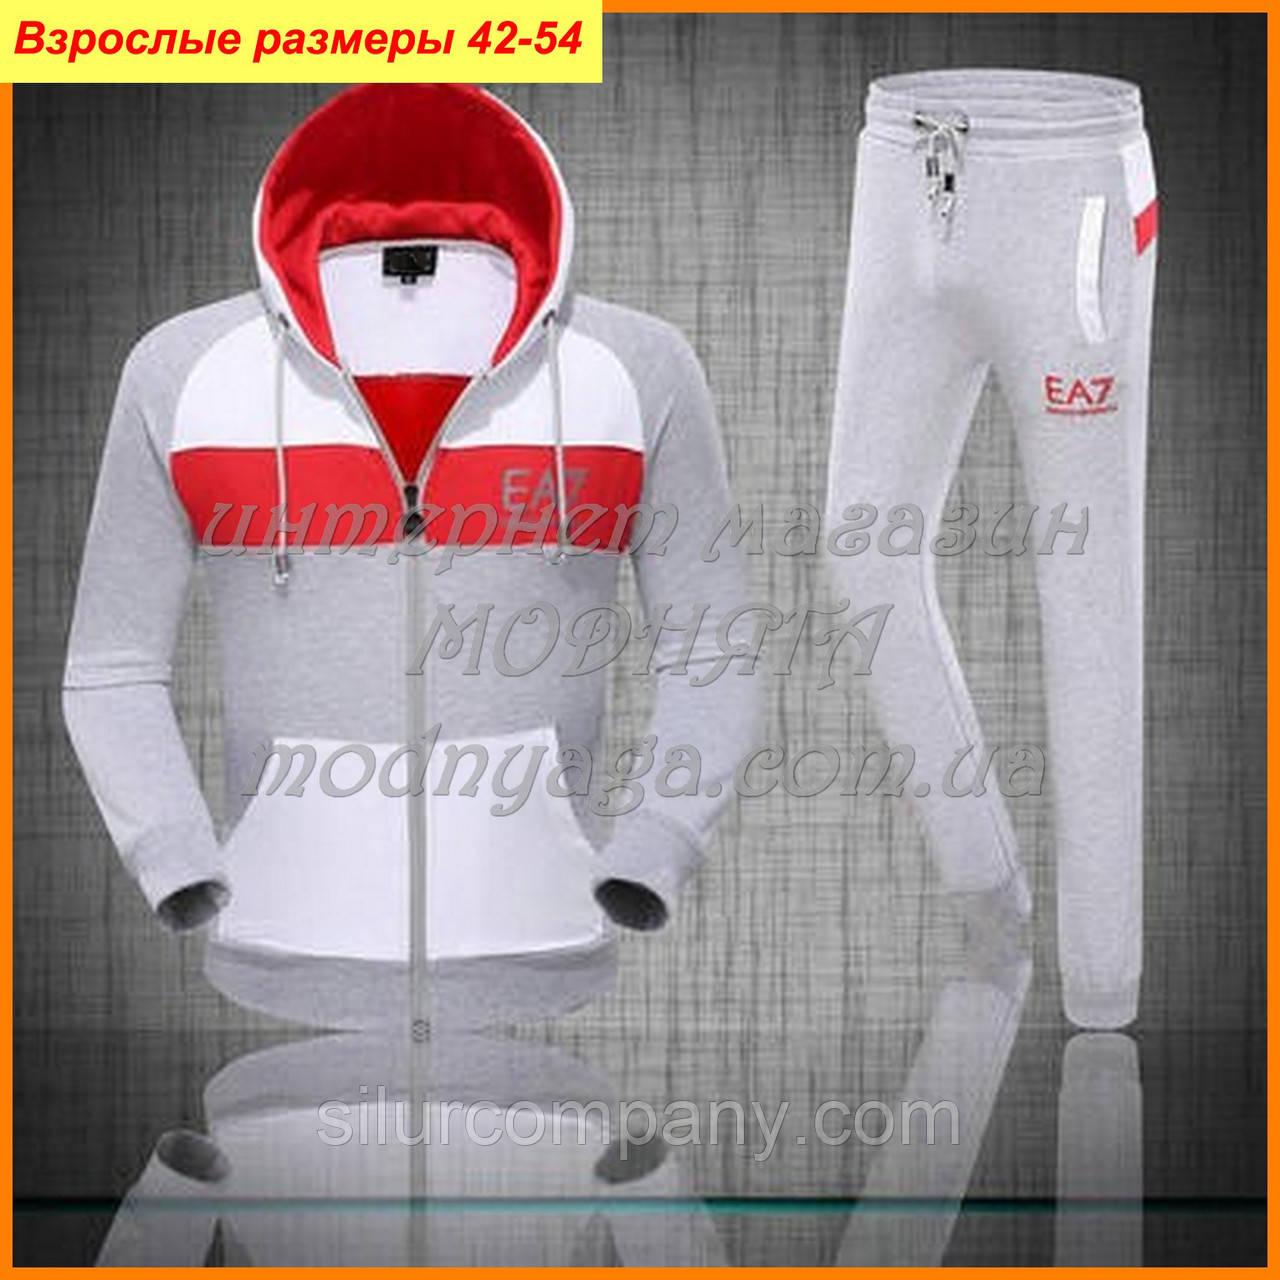 8209e4da Мужские спортивные костюмы Армани интернет магазин украина - Интернет  магазин